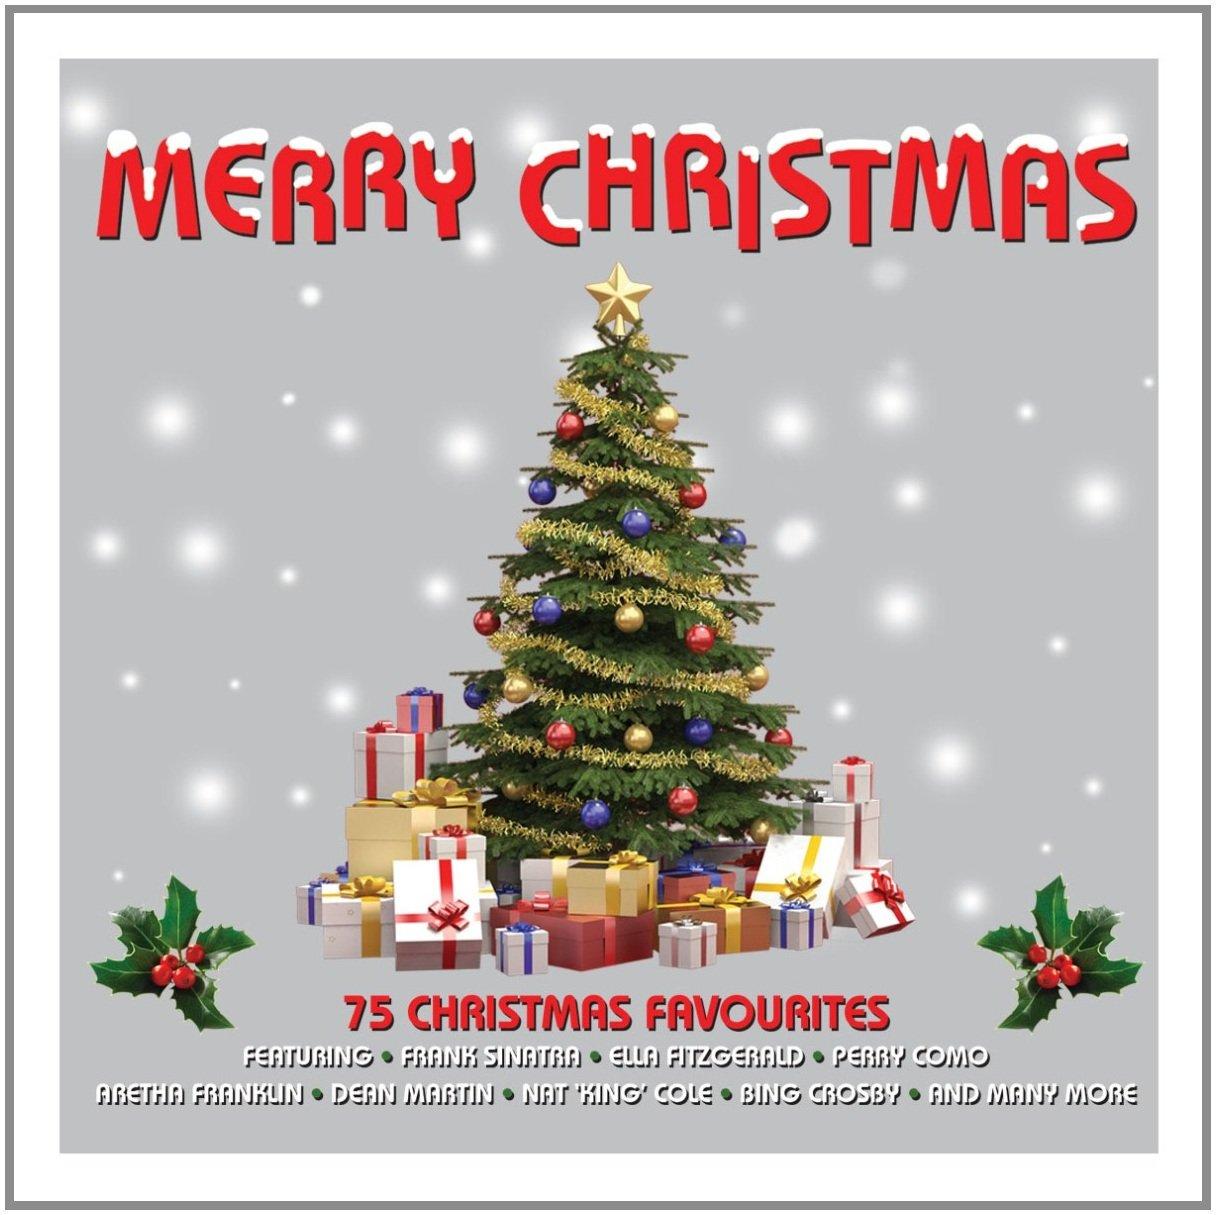 Merry Christmas: Amazon.co.uk: Music